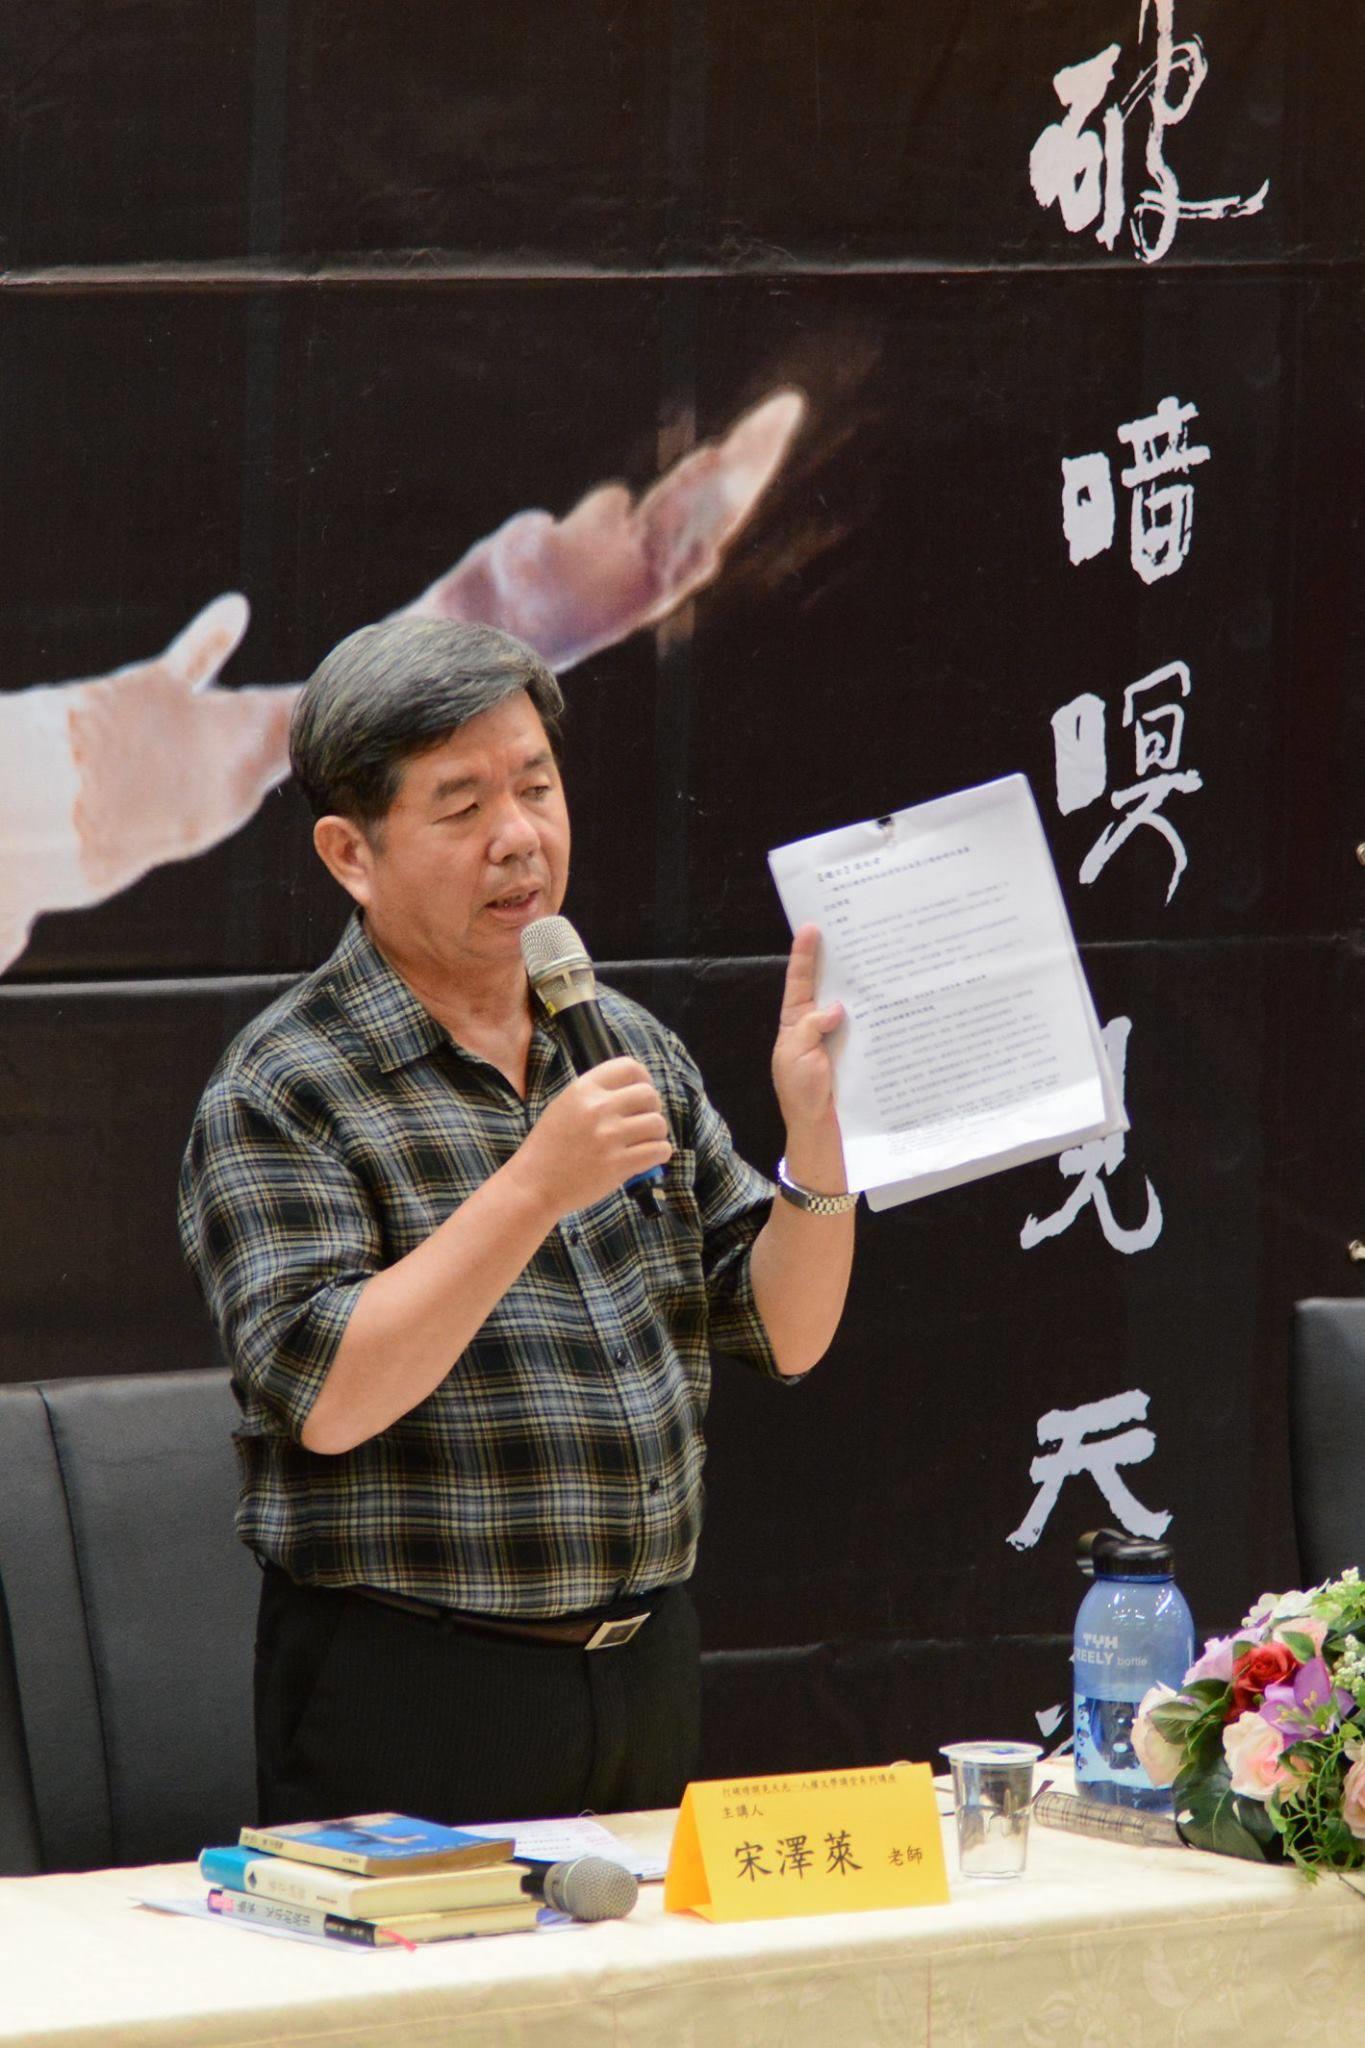 作家向陽 談人權文學的號手宋澤萊